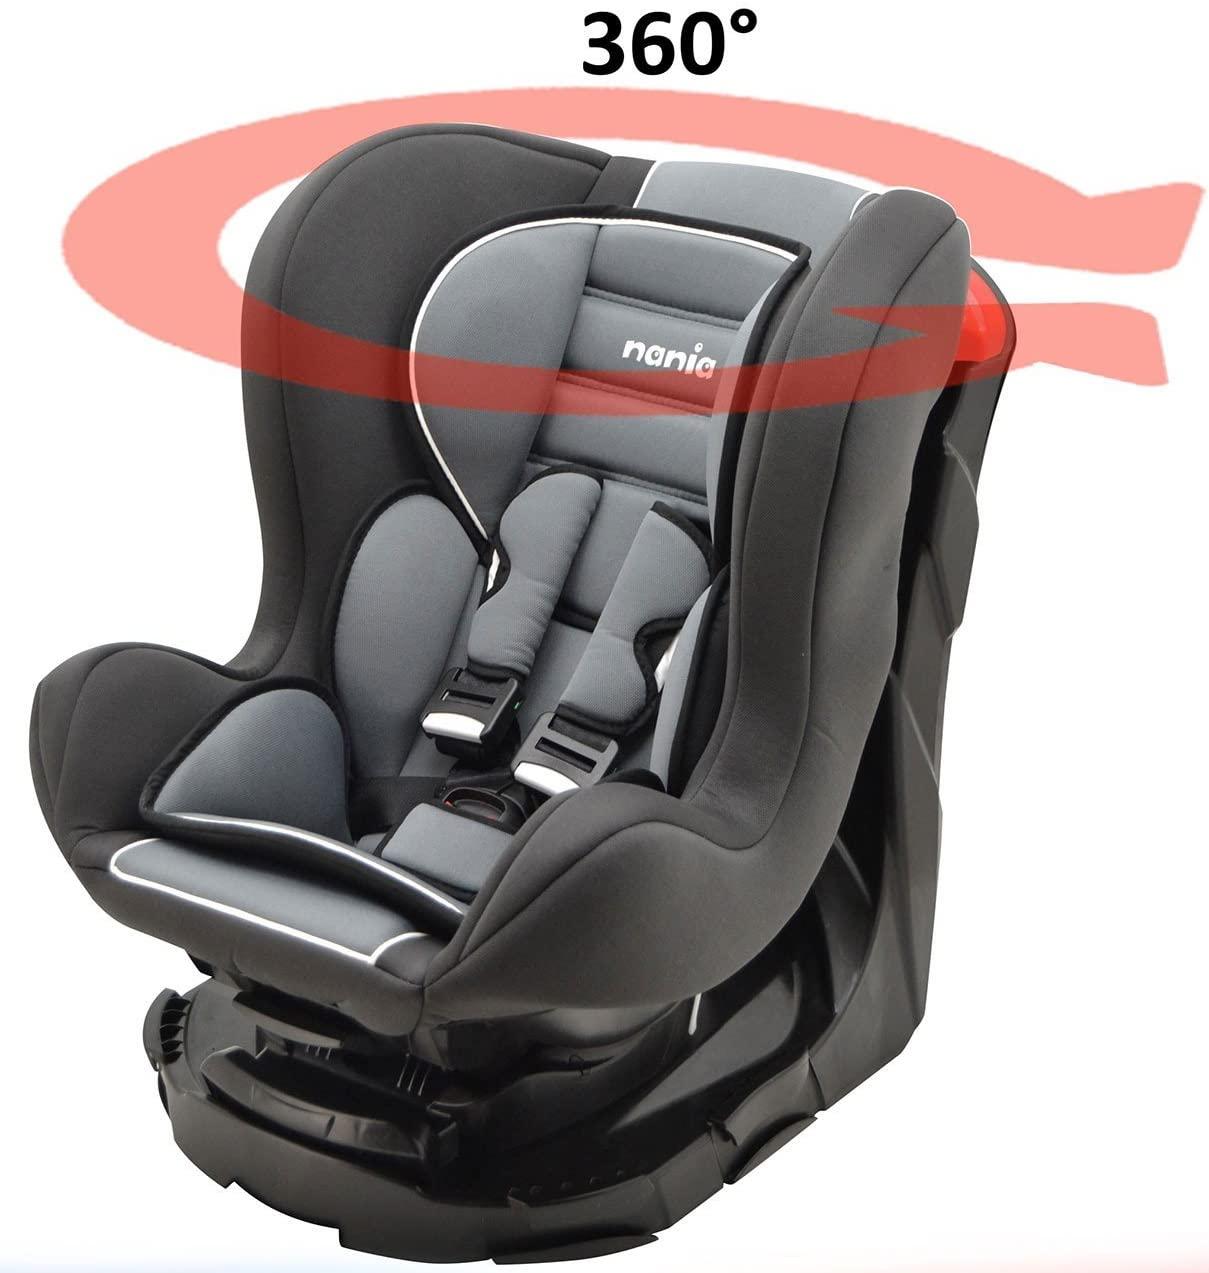 Mycarsit, Silla de coche grupo 0+/1 360 °, negro